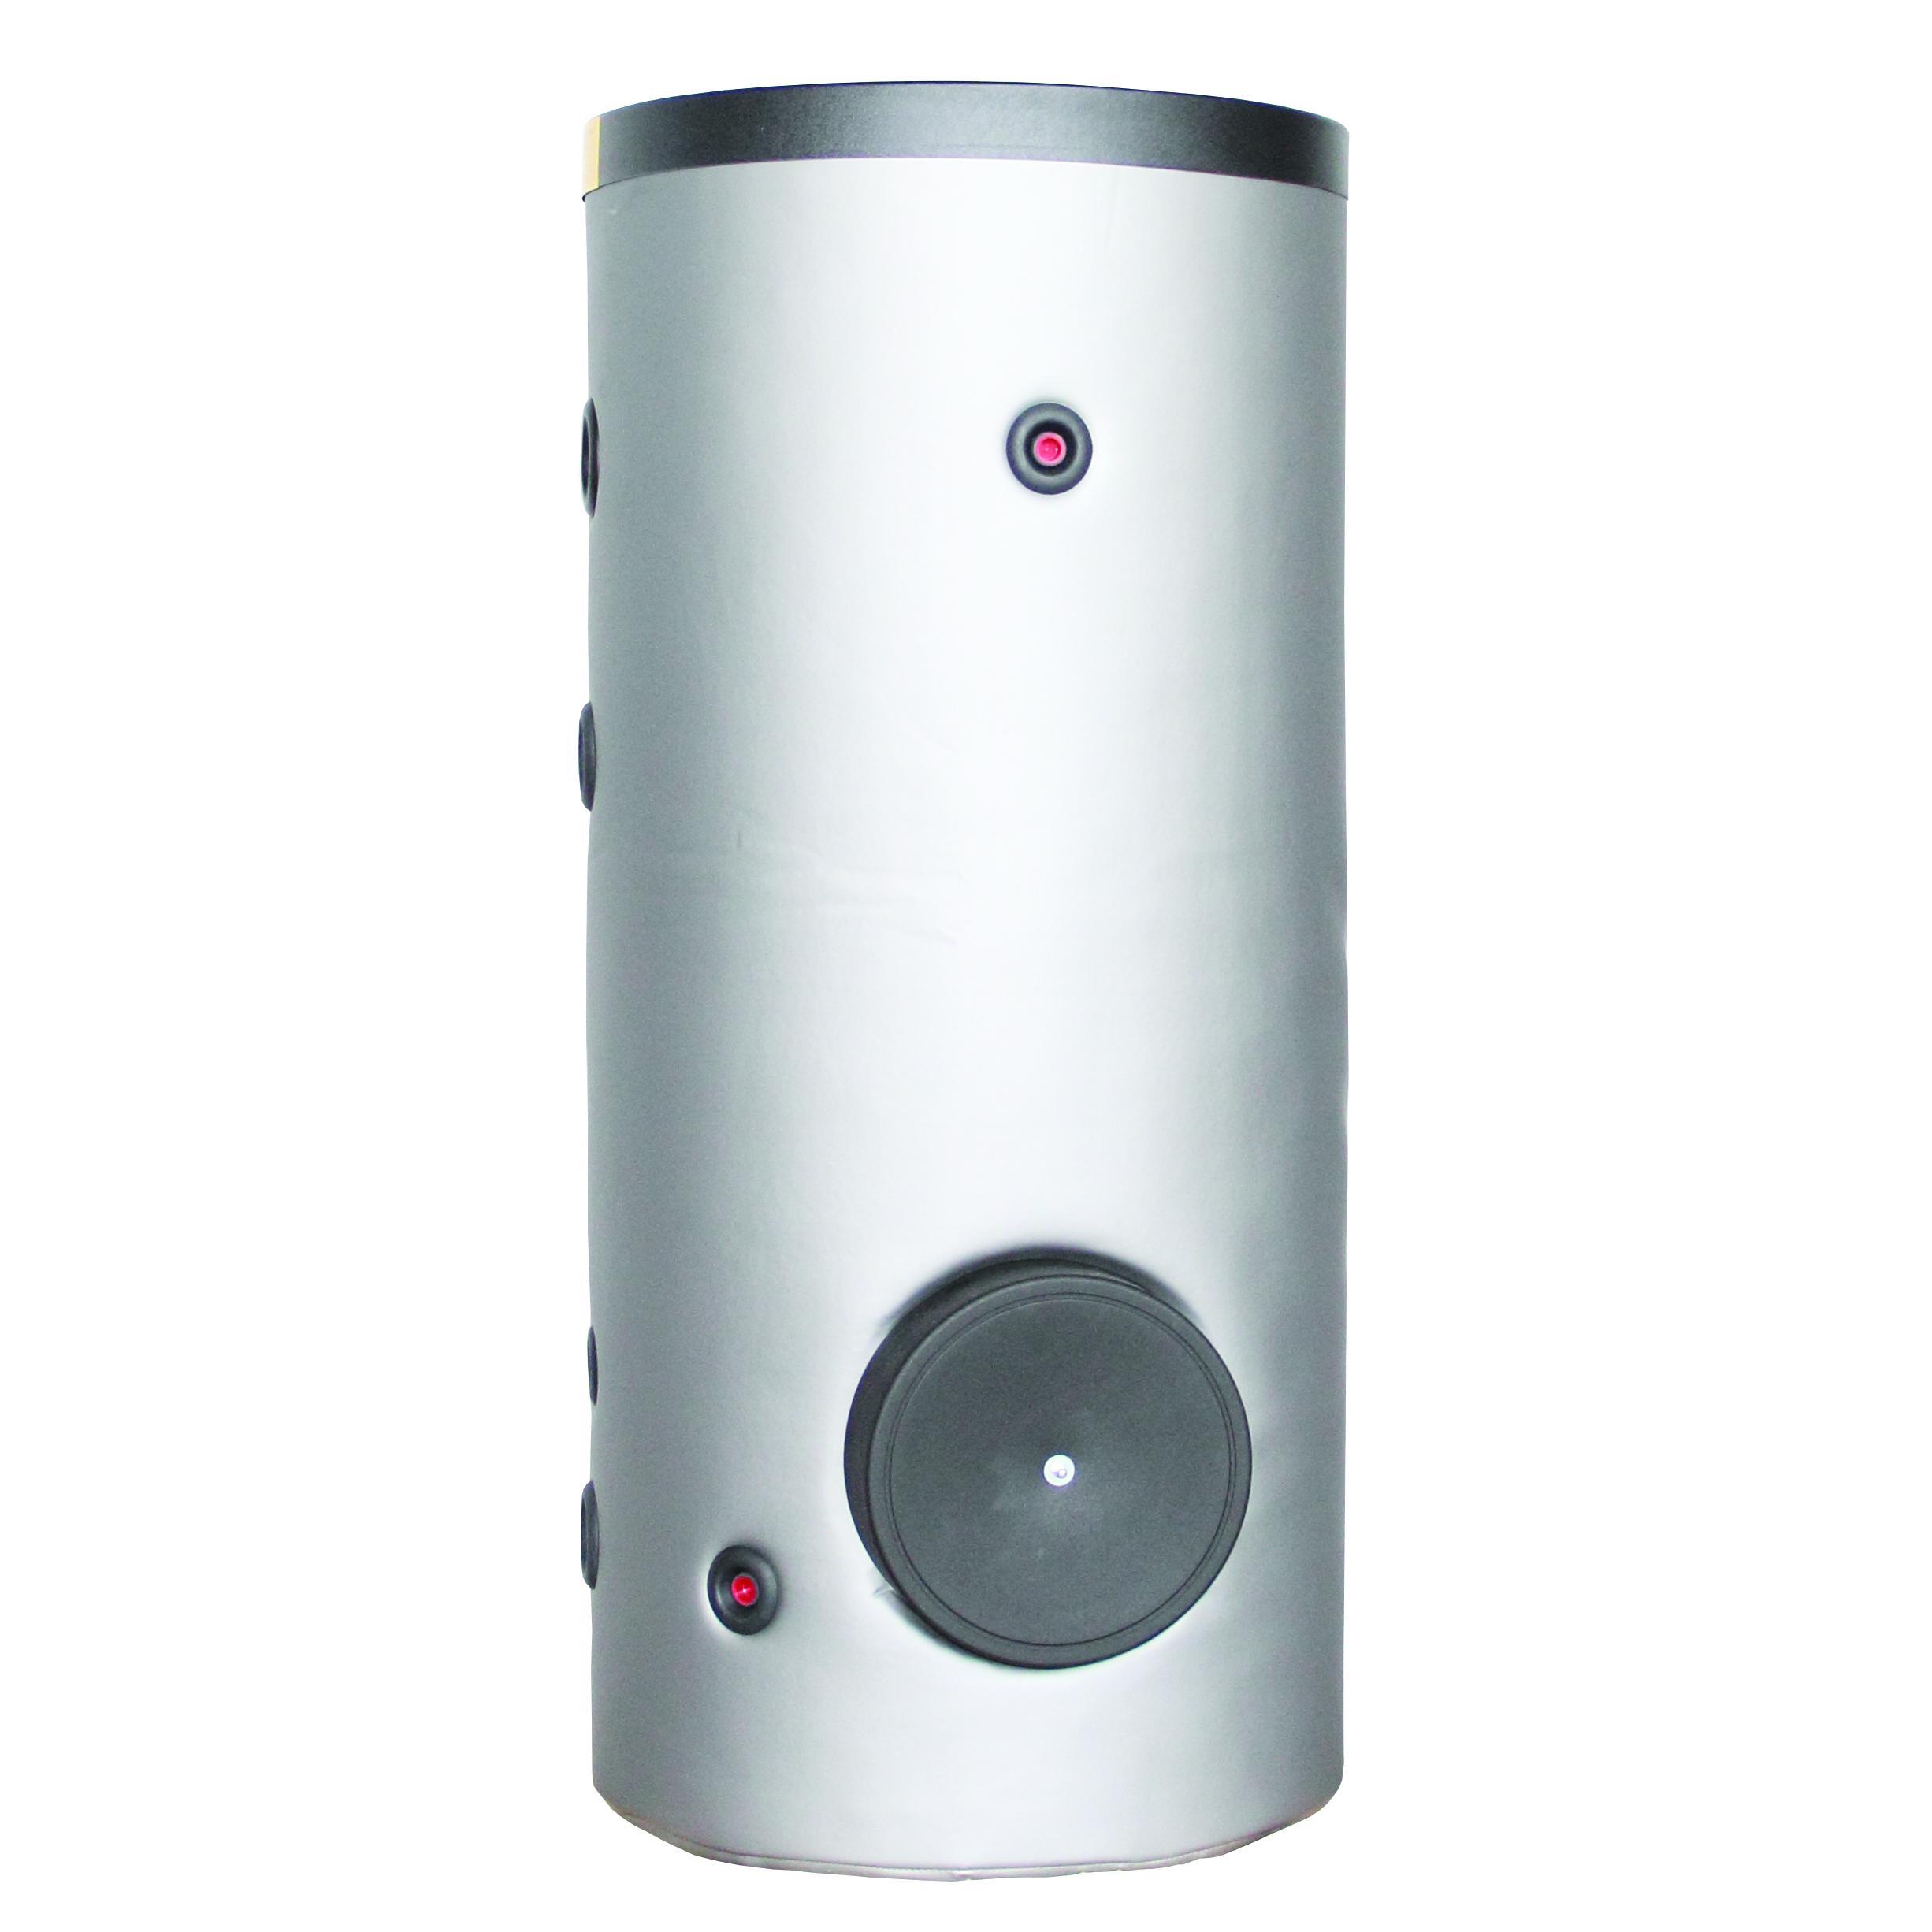 XWP - Condizionamento pompe di calore